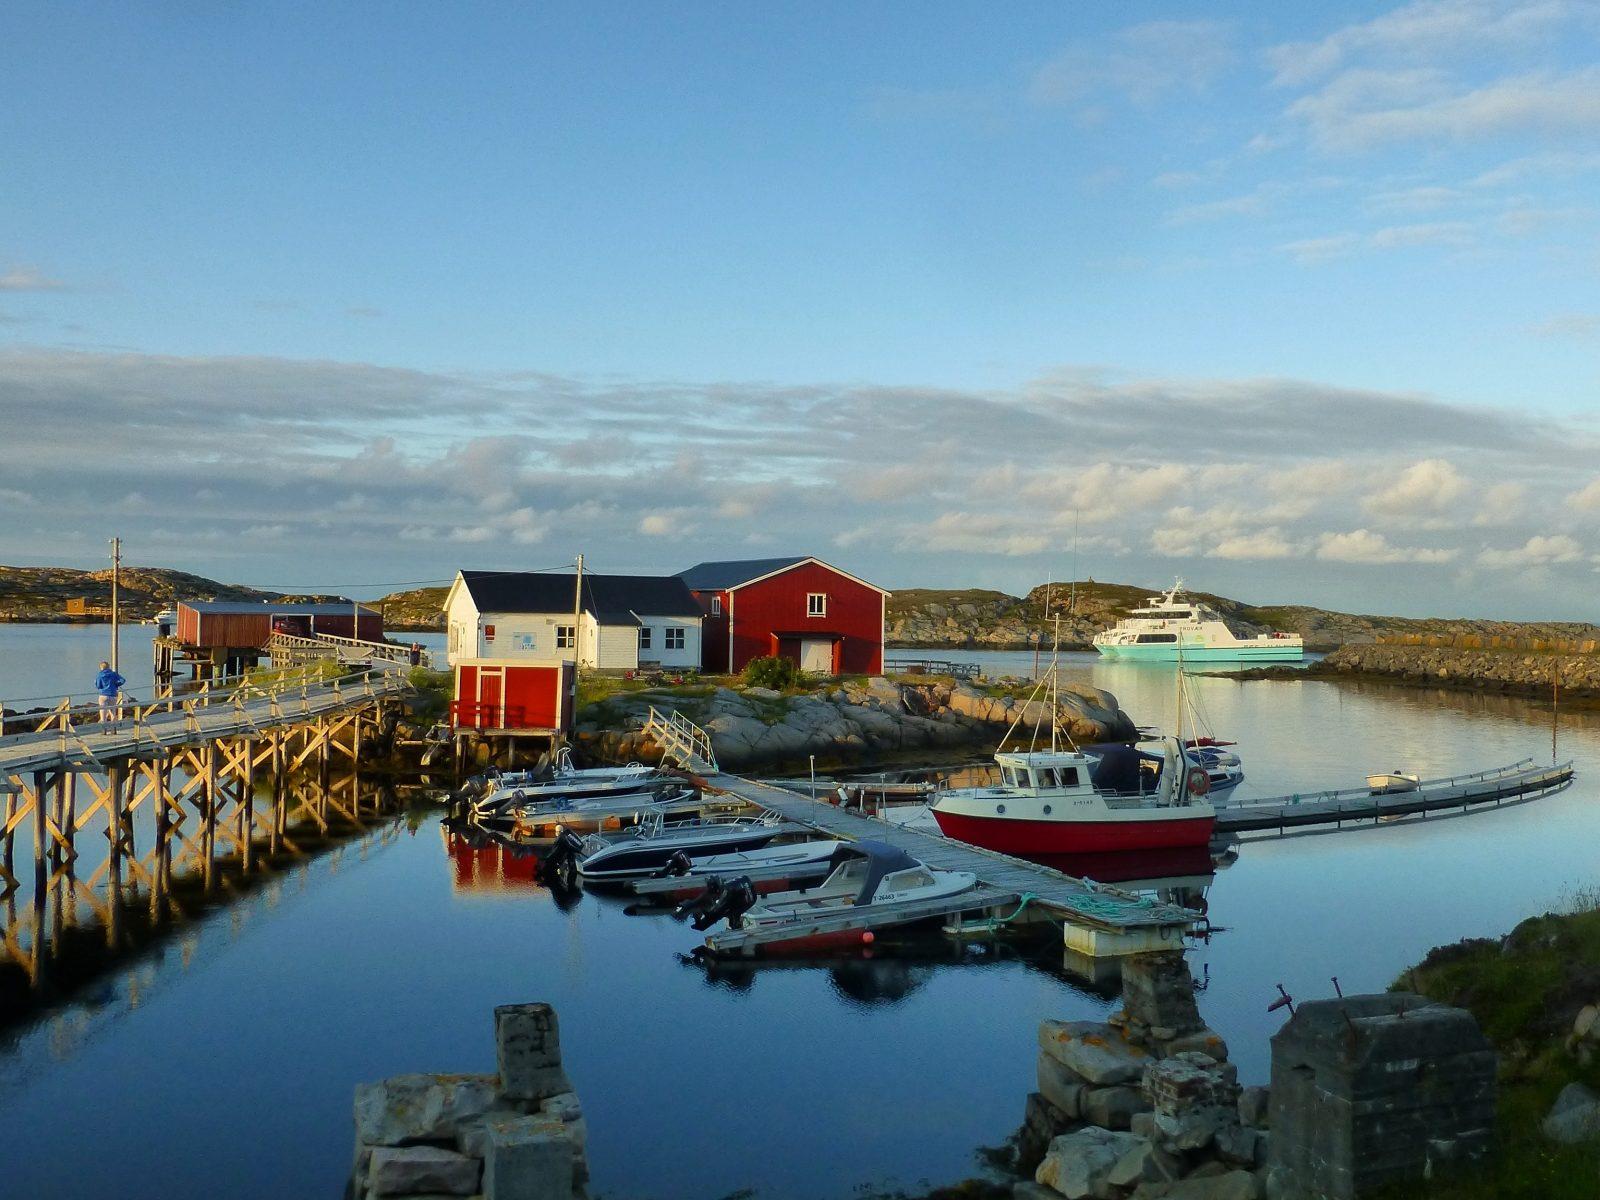 Sauøya i Føyas skjærgård, Trøndelagskysten.